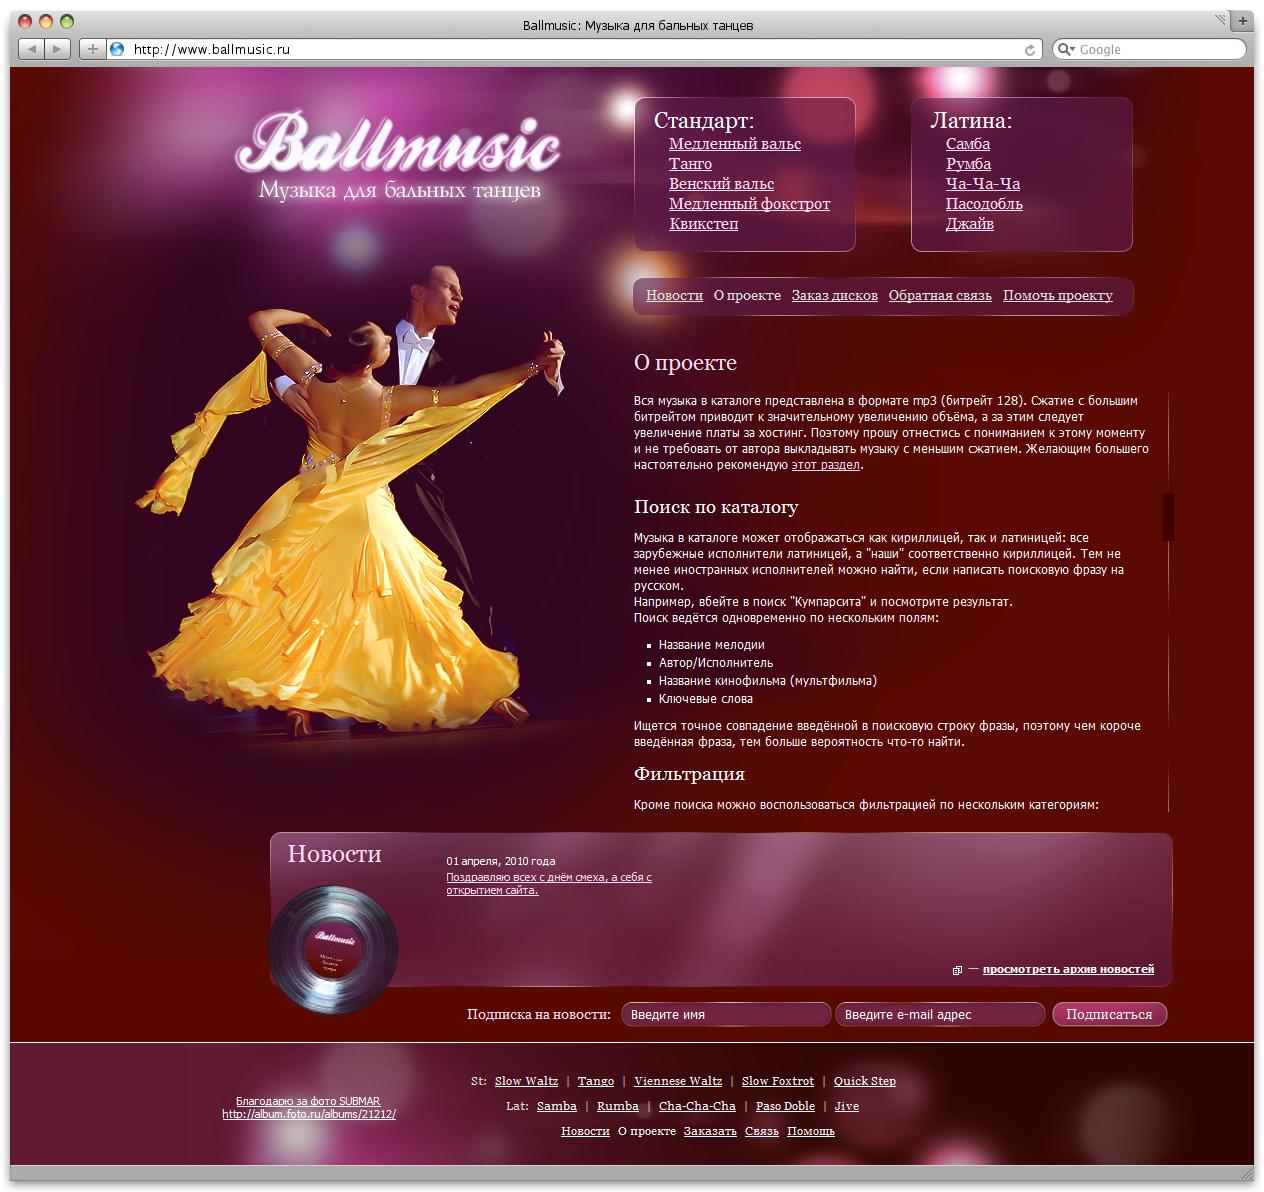 Ballmusic: Музыка для бальных танцев